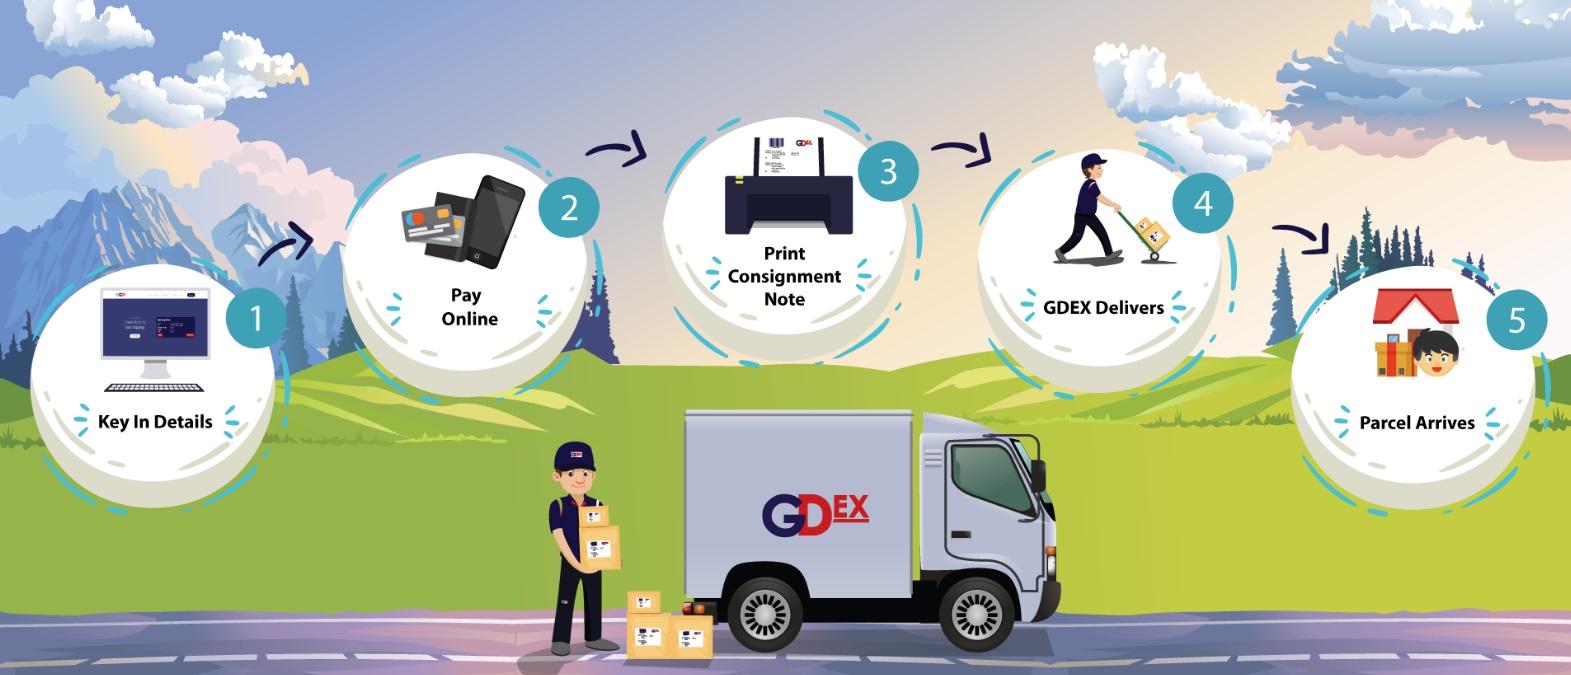 Perkhidmatan Penghantaran Lebih Mudah & Cepat Dengan myGDEX Portal